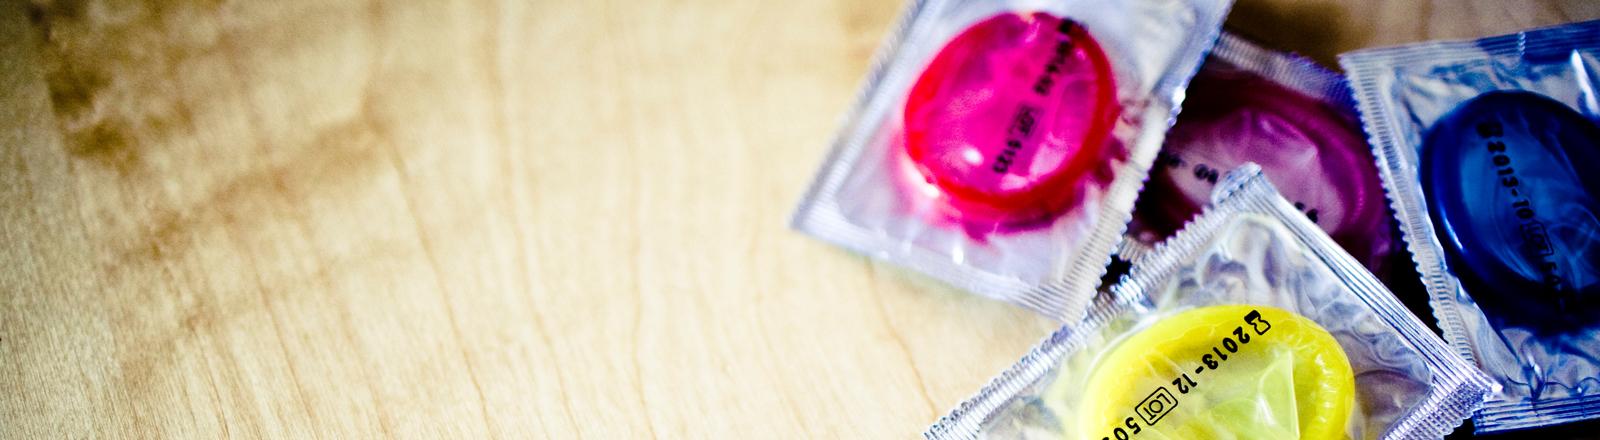 Kondome liegen auf dem Tisch